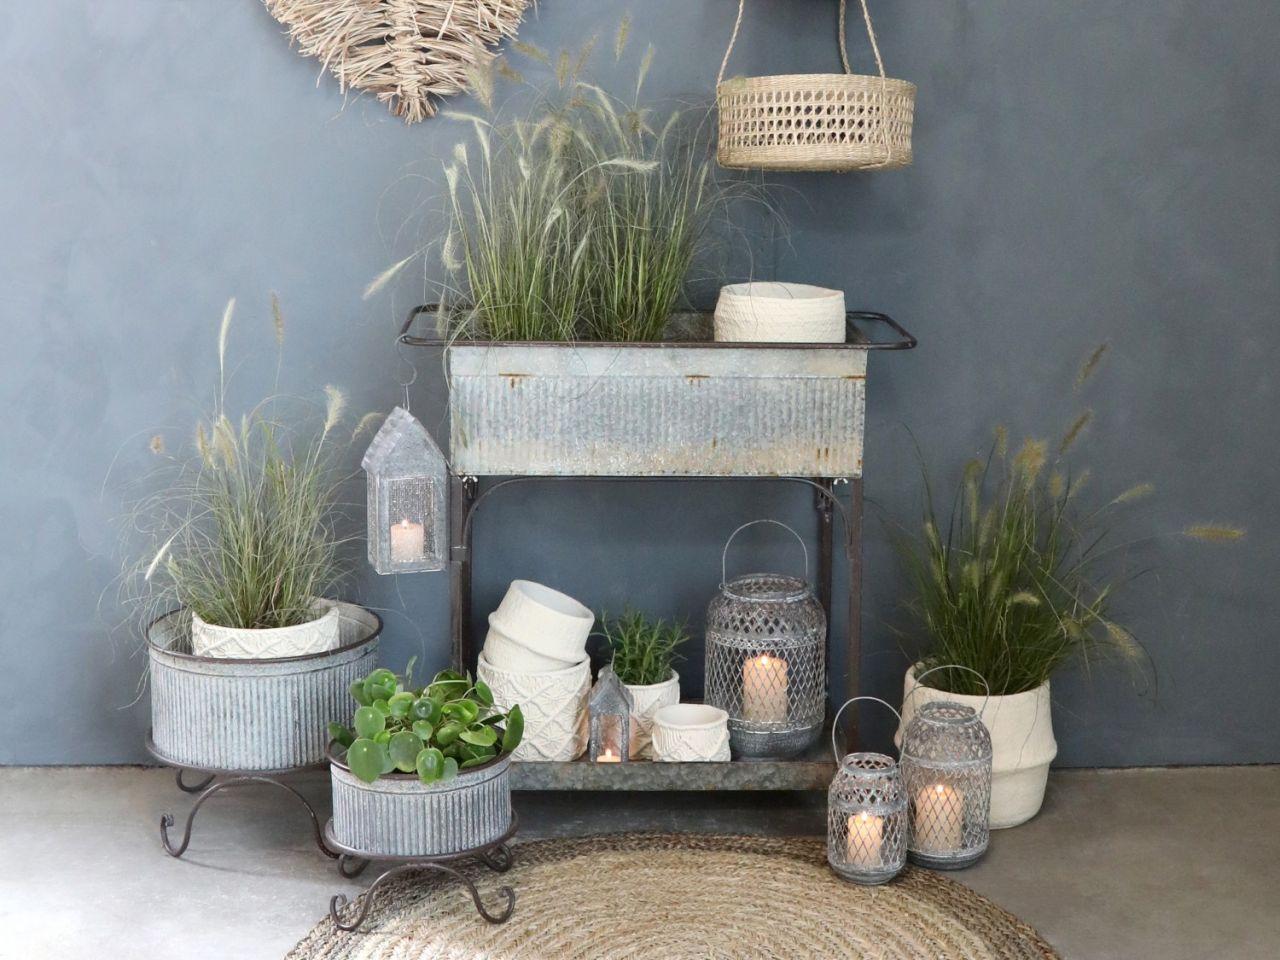 Pflanzenkasten auf Rädern von Chic Antique